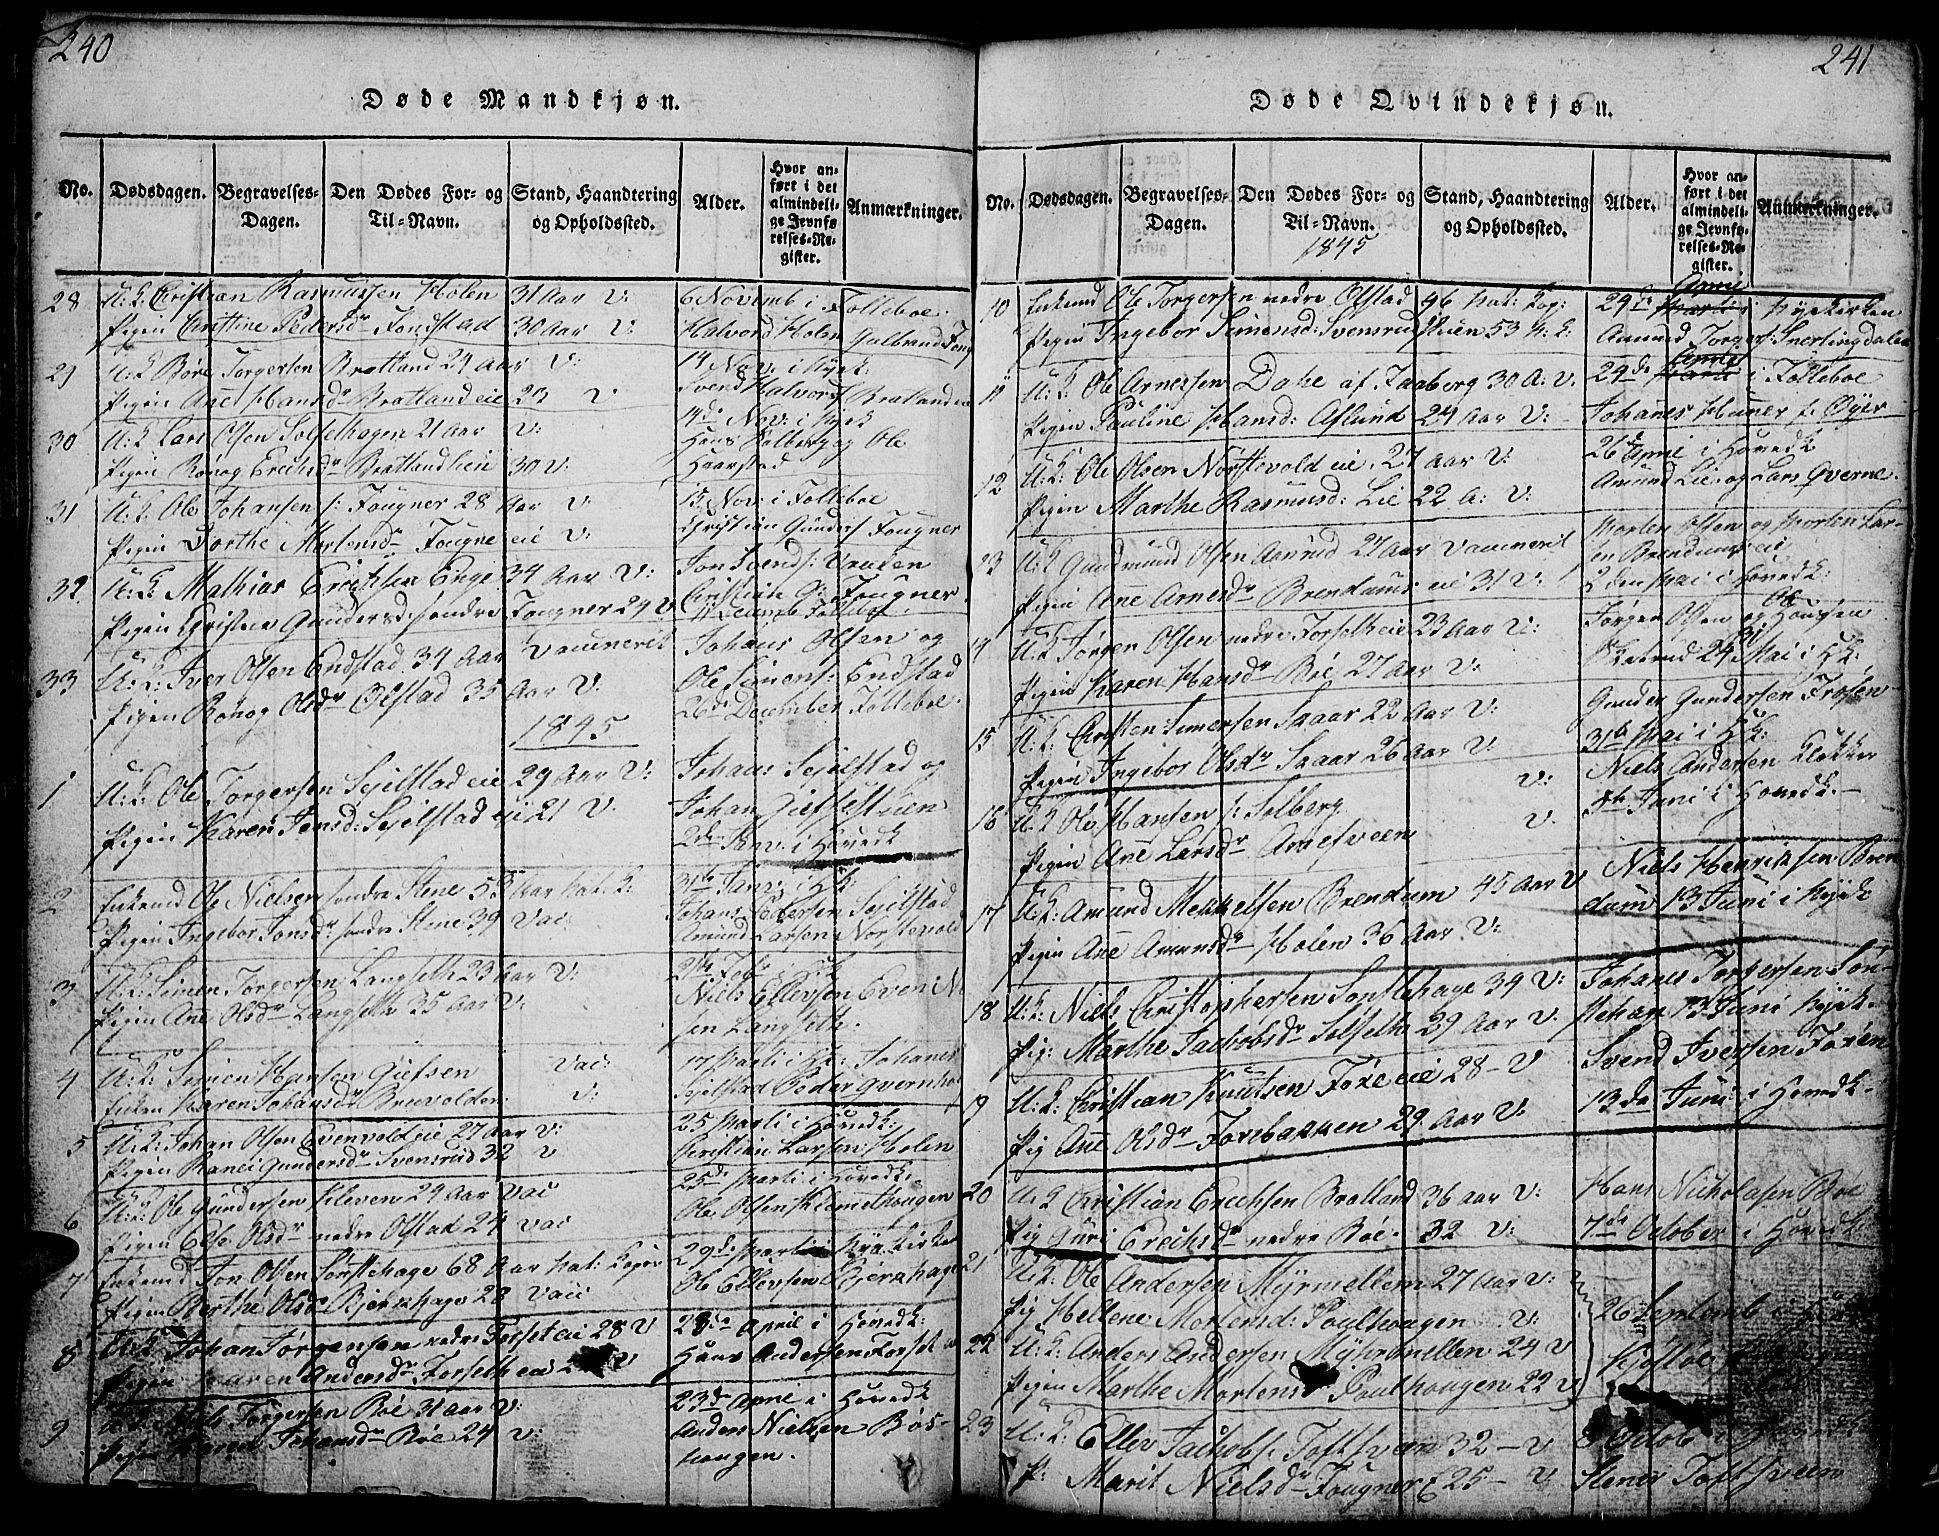 SAH, Gausdal prestekontor, Klokkerbok nr. 1, 1817-1848, s. 240-241